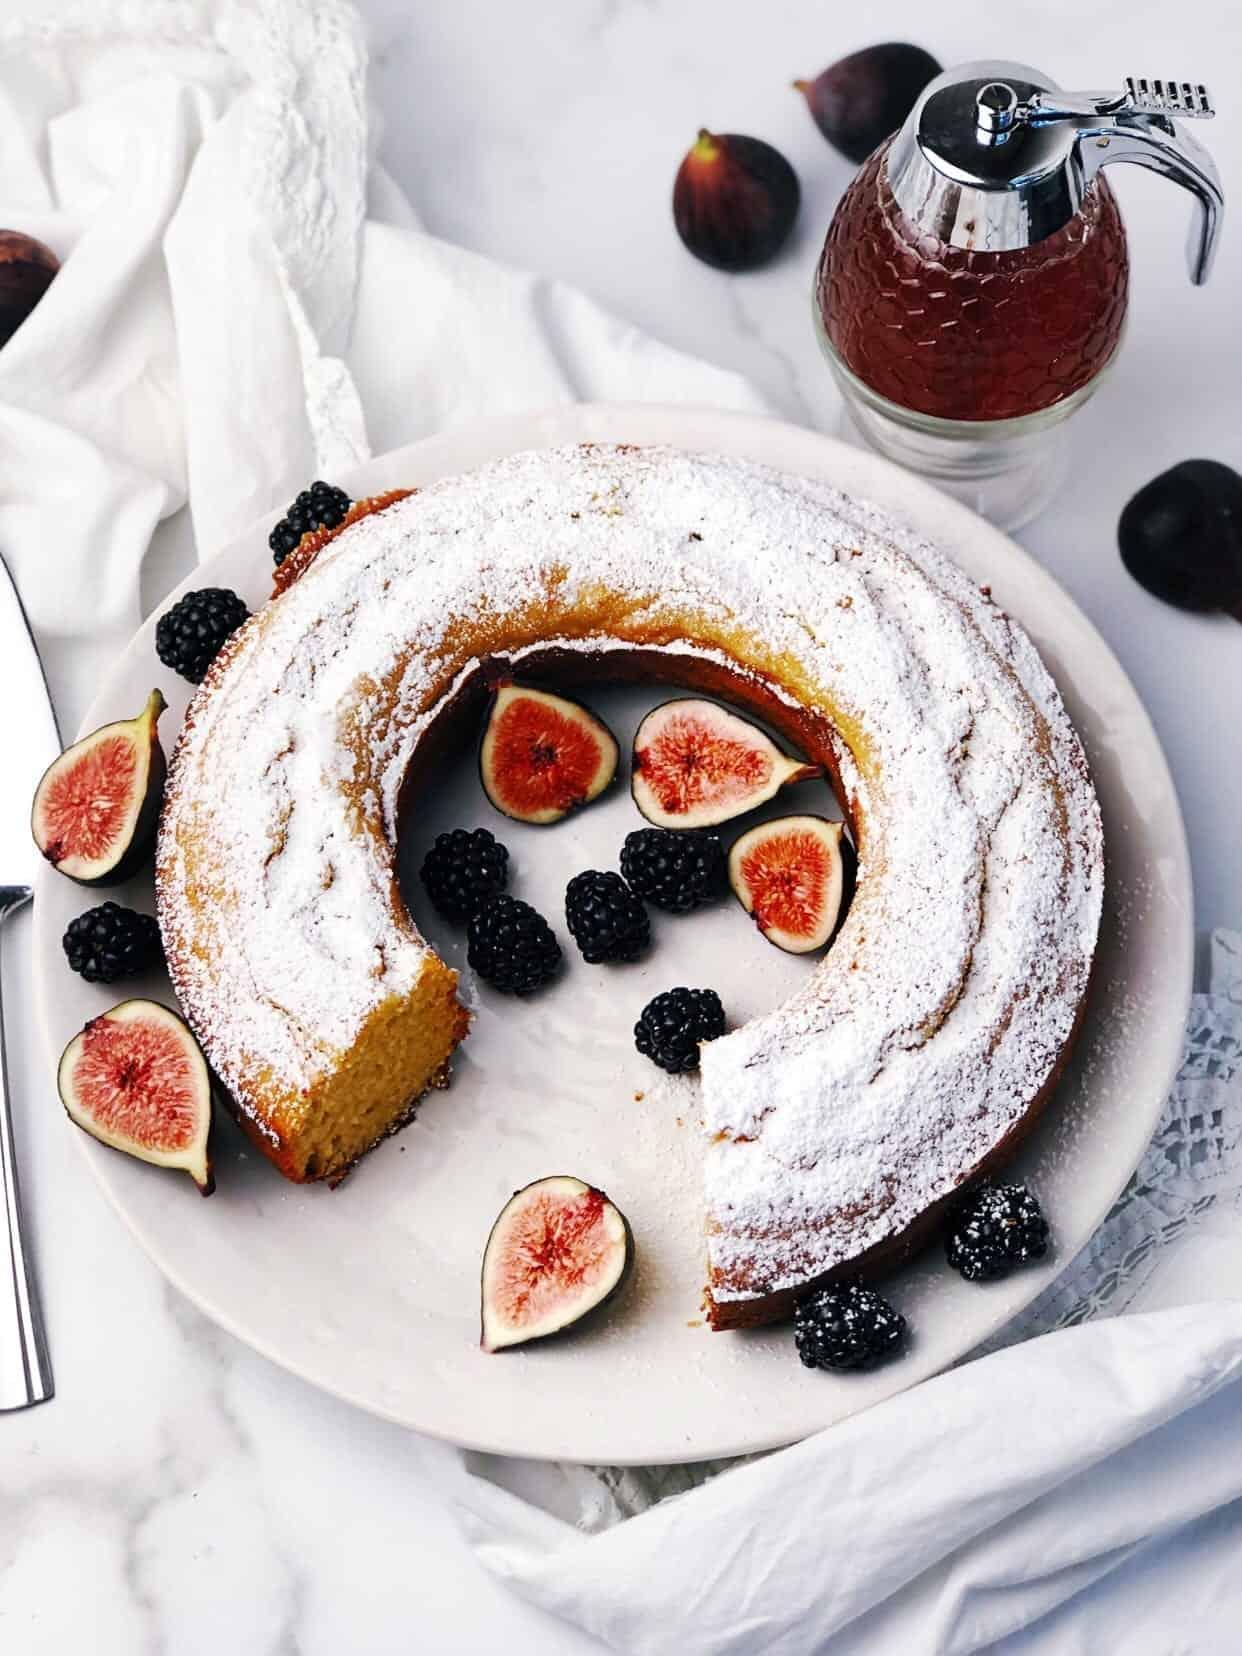 Honey Yogurt Cake – Ciambella Yogurt Cake